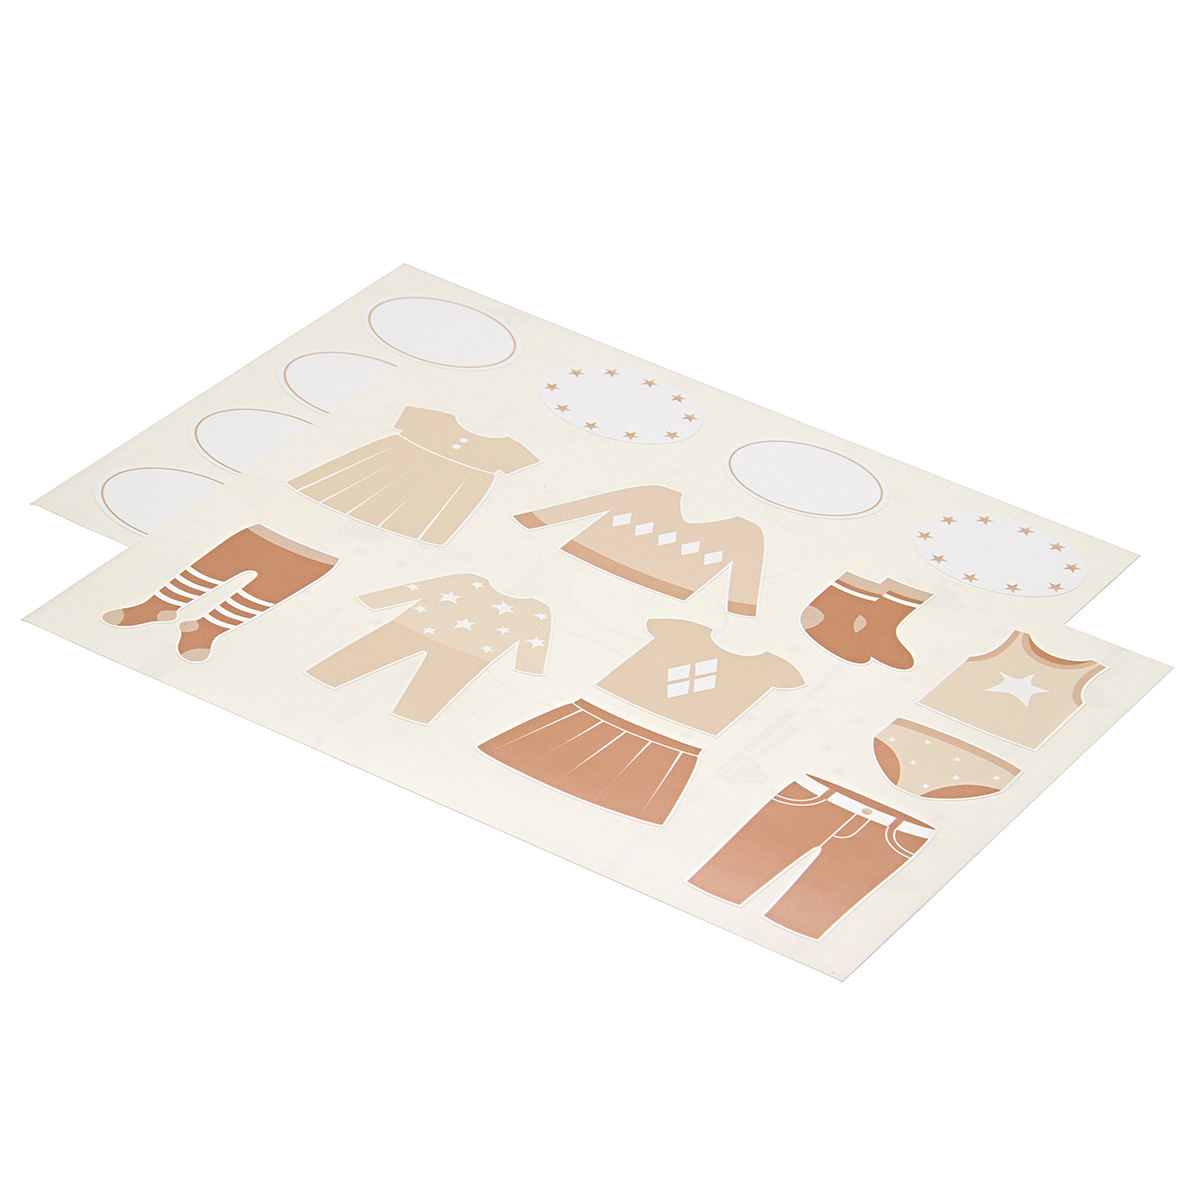 Комплект наклеек в детскую комнату 21×29,7 см, 2 листа, бежевый